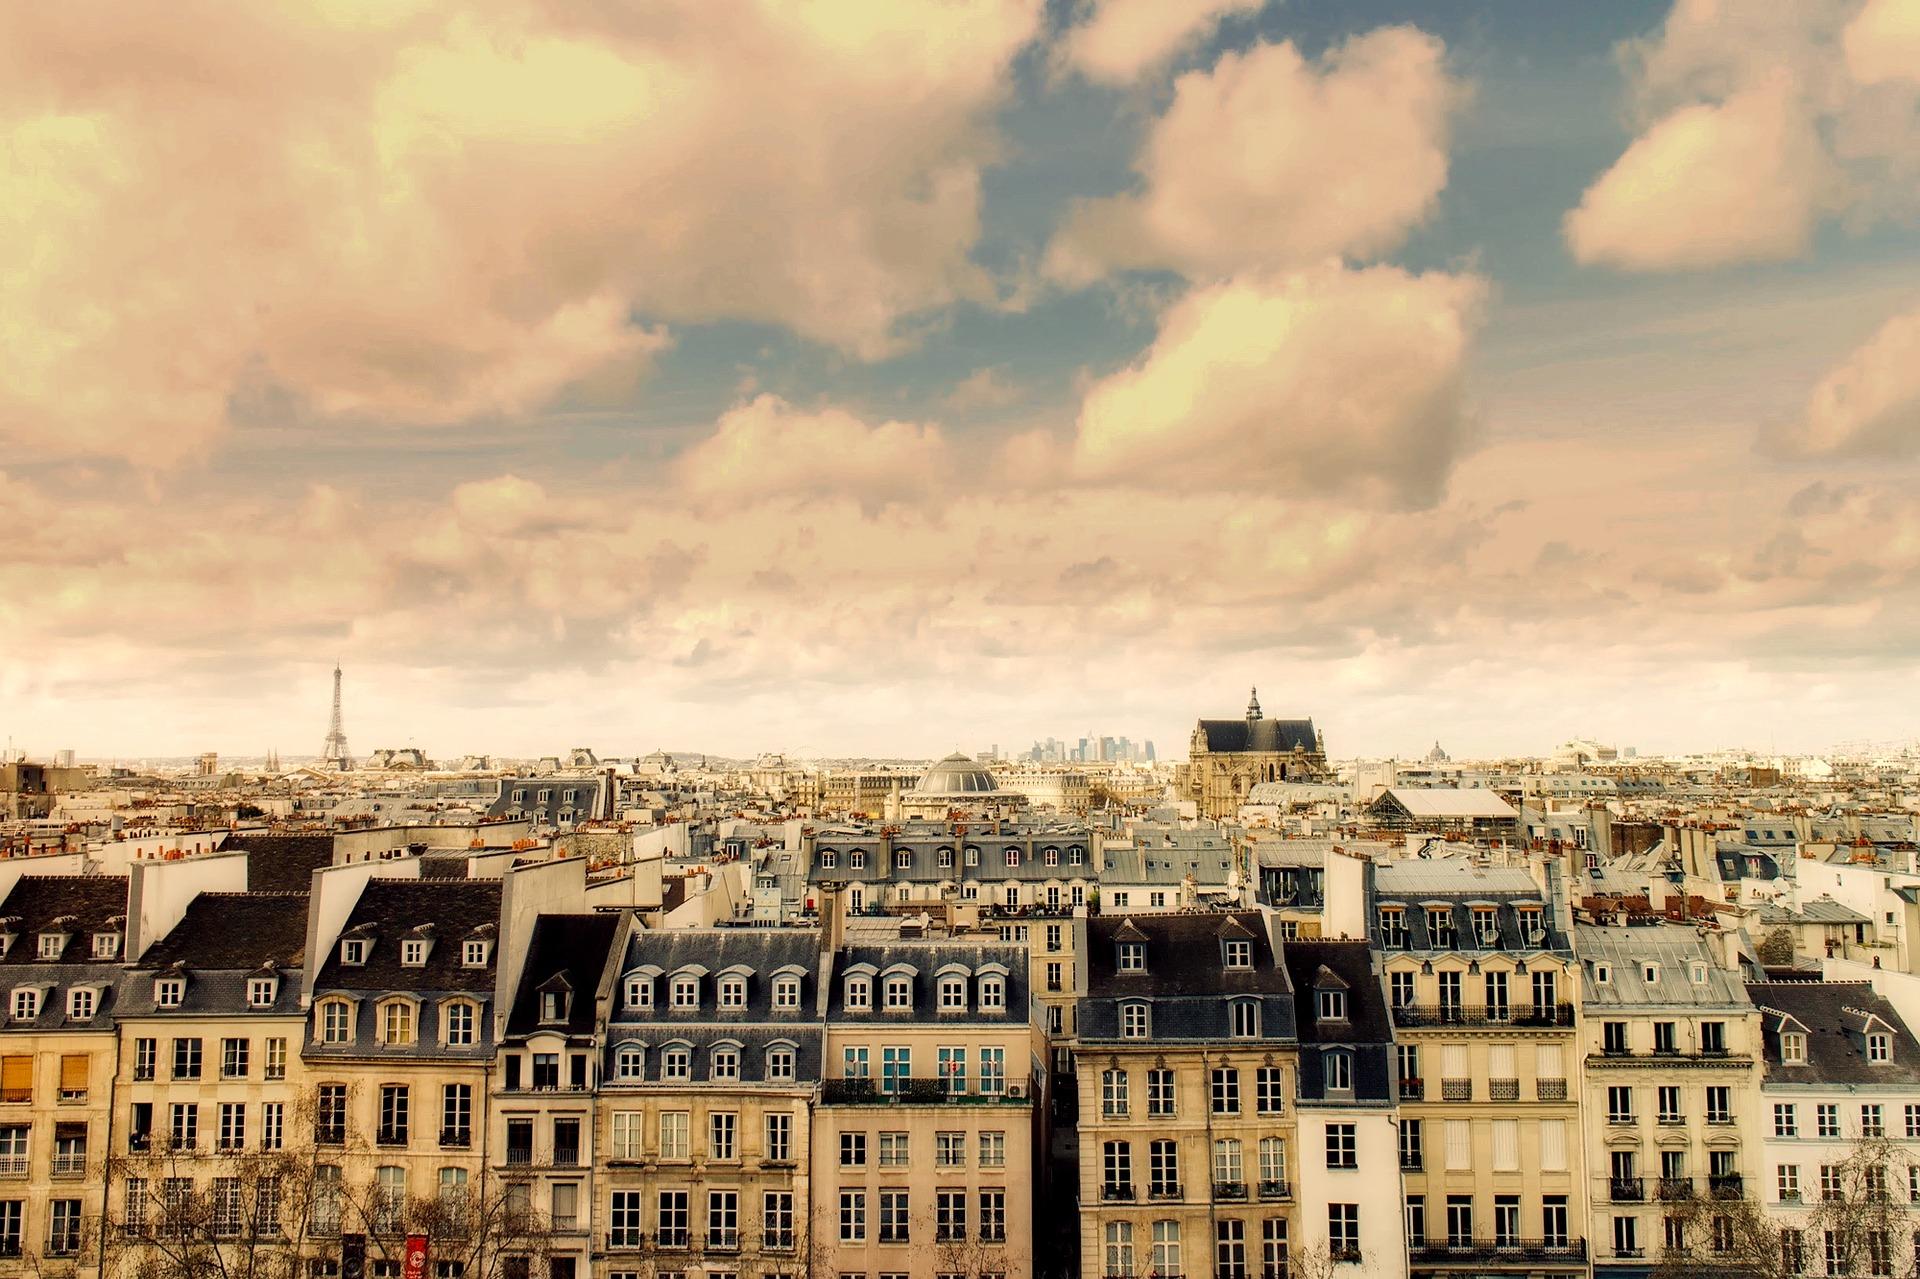 Déménager en périphérie de Paris avec ses enfants : Bonne ou mauvaise idée ?